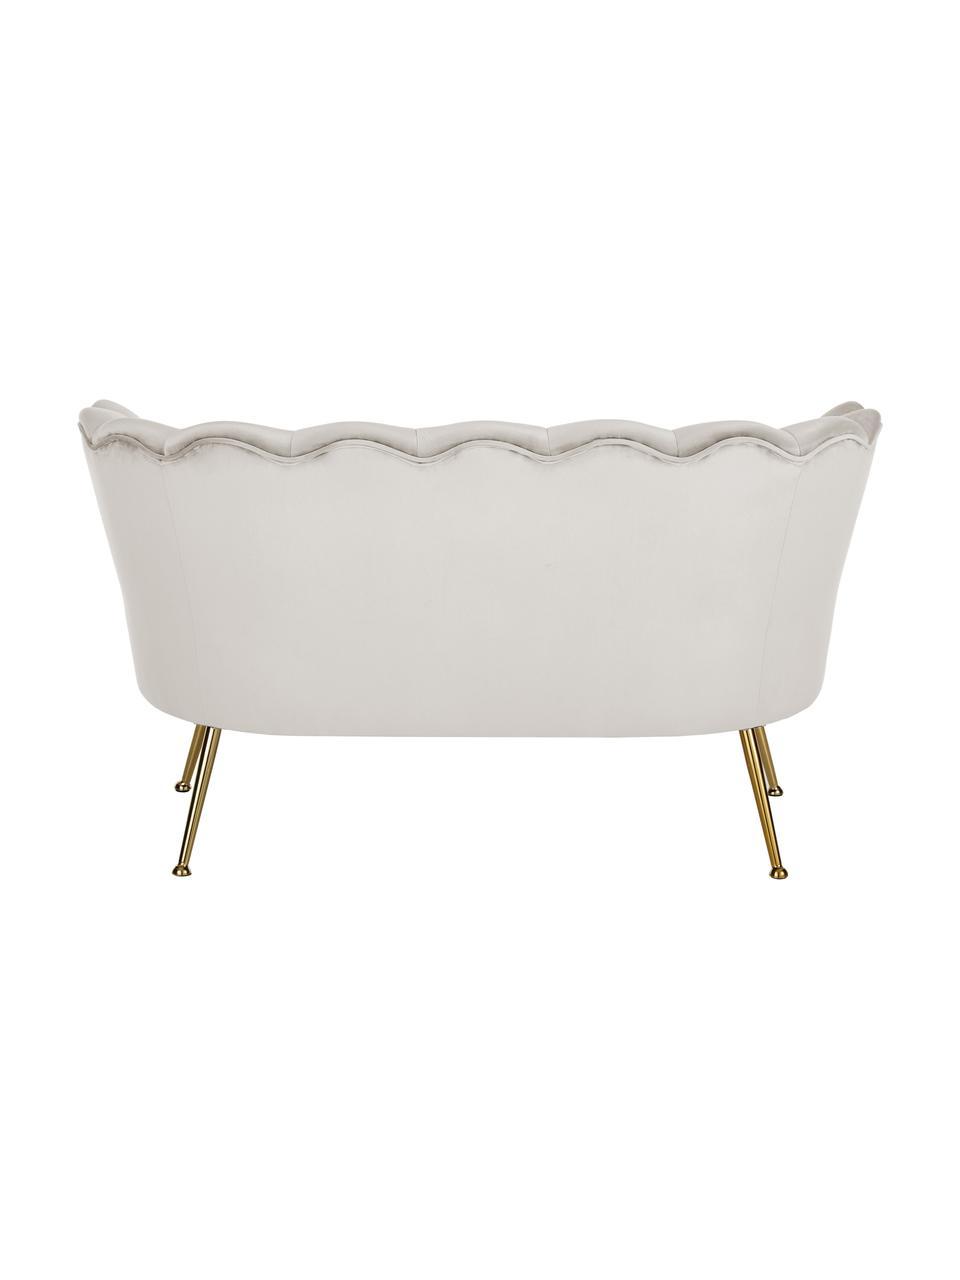 Divano vintage 2 posti in velluto bianco crema Oyster, Rivestimento: velluto (poliestere) 30.0, Struttura: legno massello di pioppo , Velluto bianco crema, Larg. 131 x Prof. 78 cm